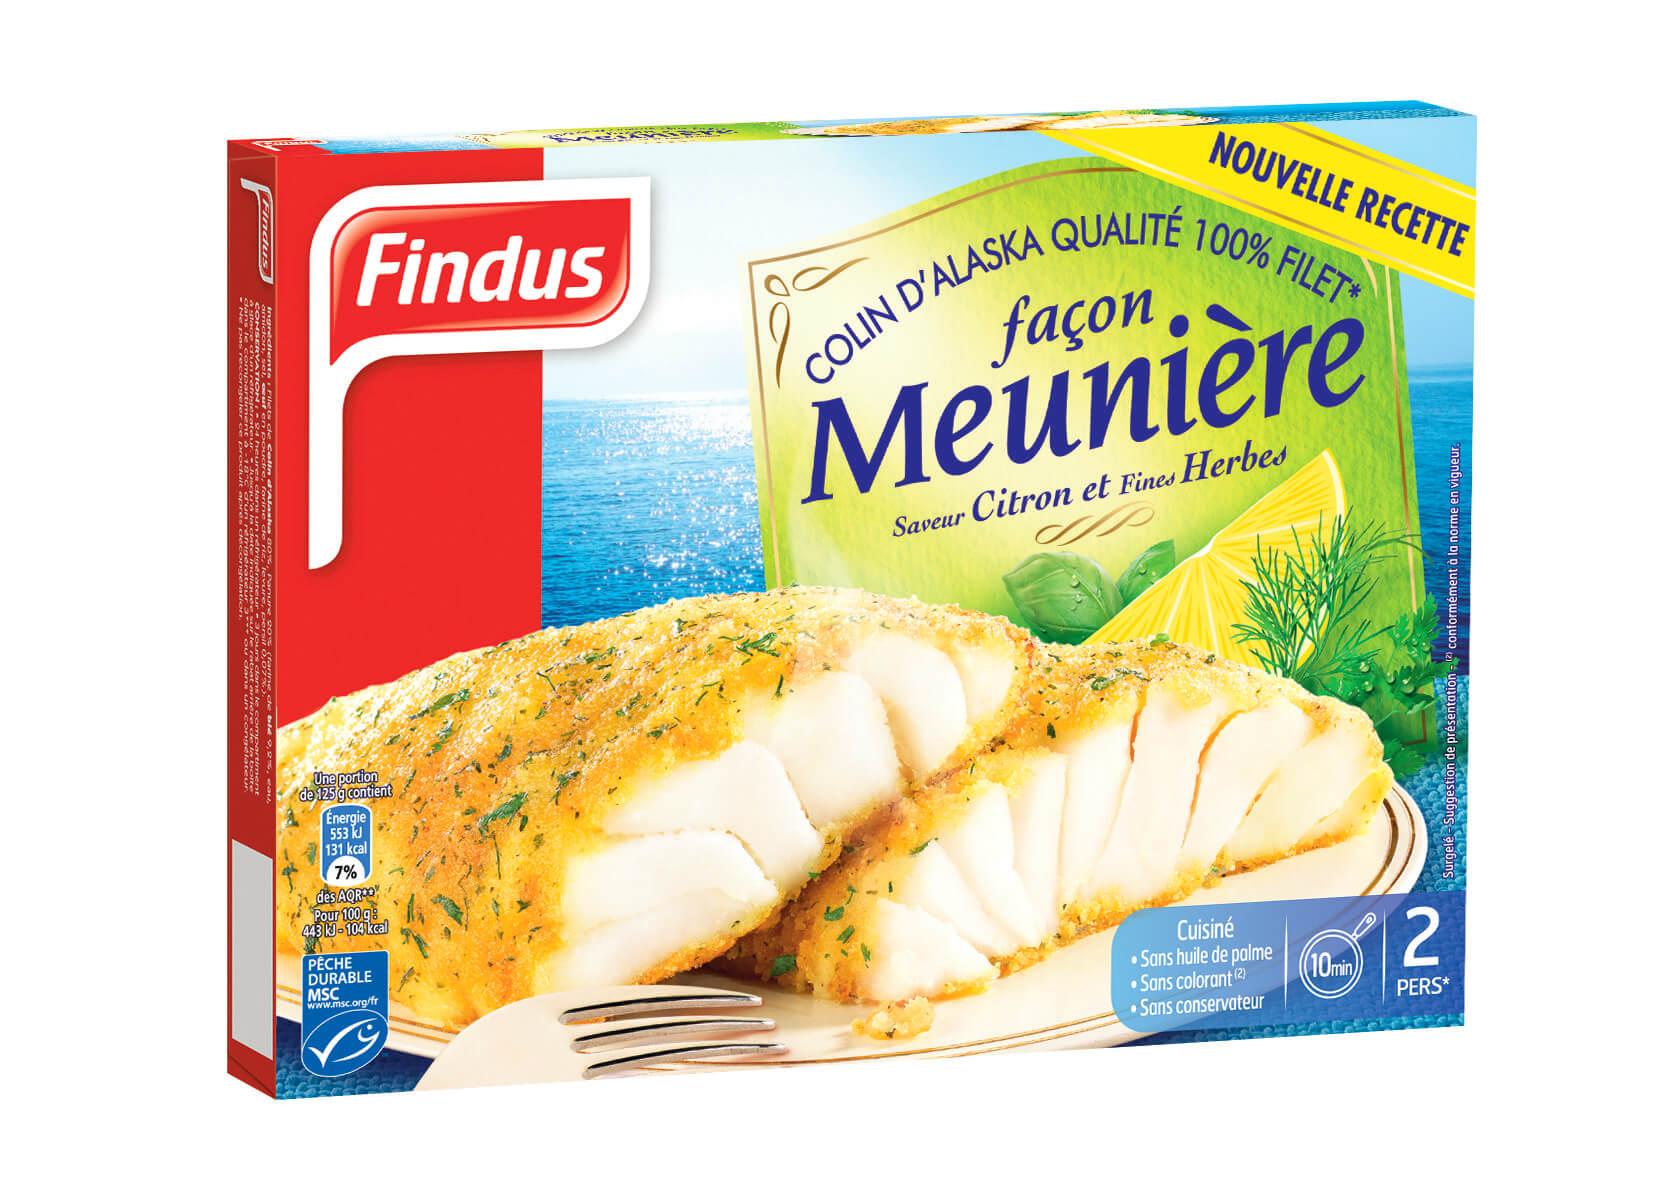 Fidnus Colin d'Alaska façon meunière saveur citron